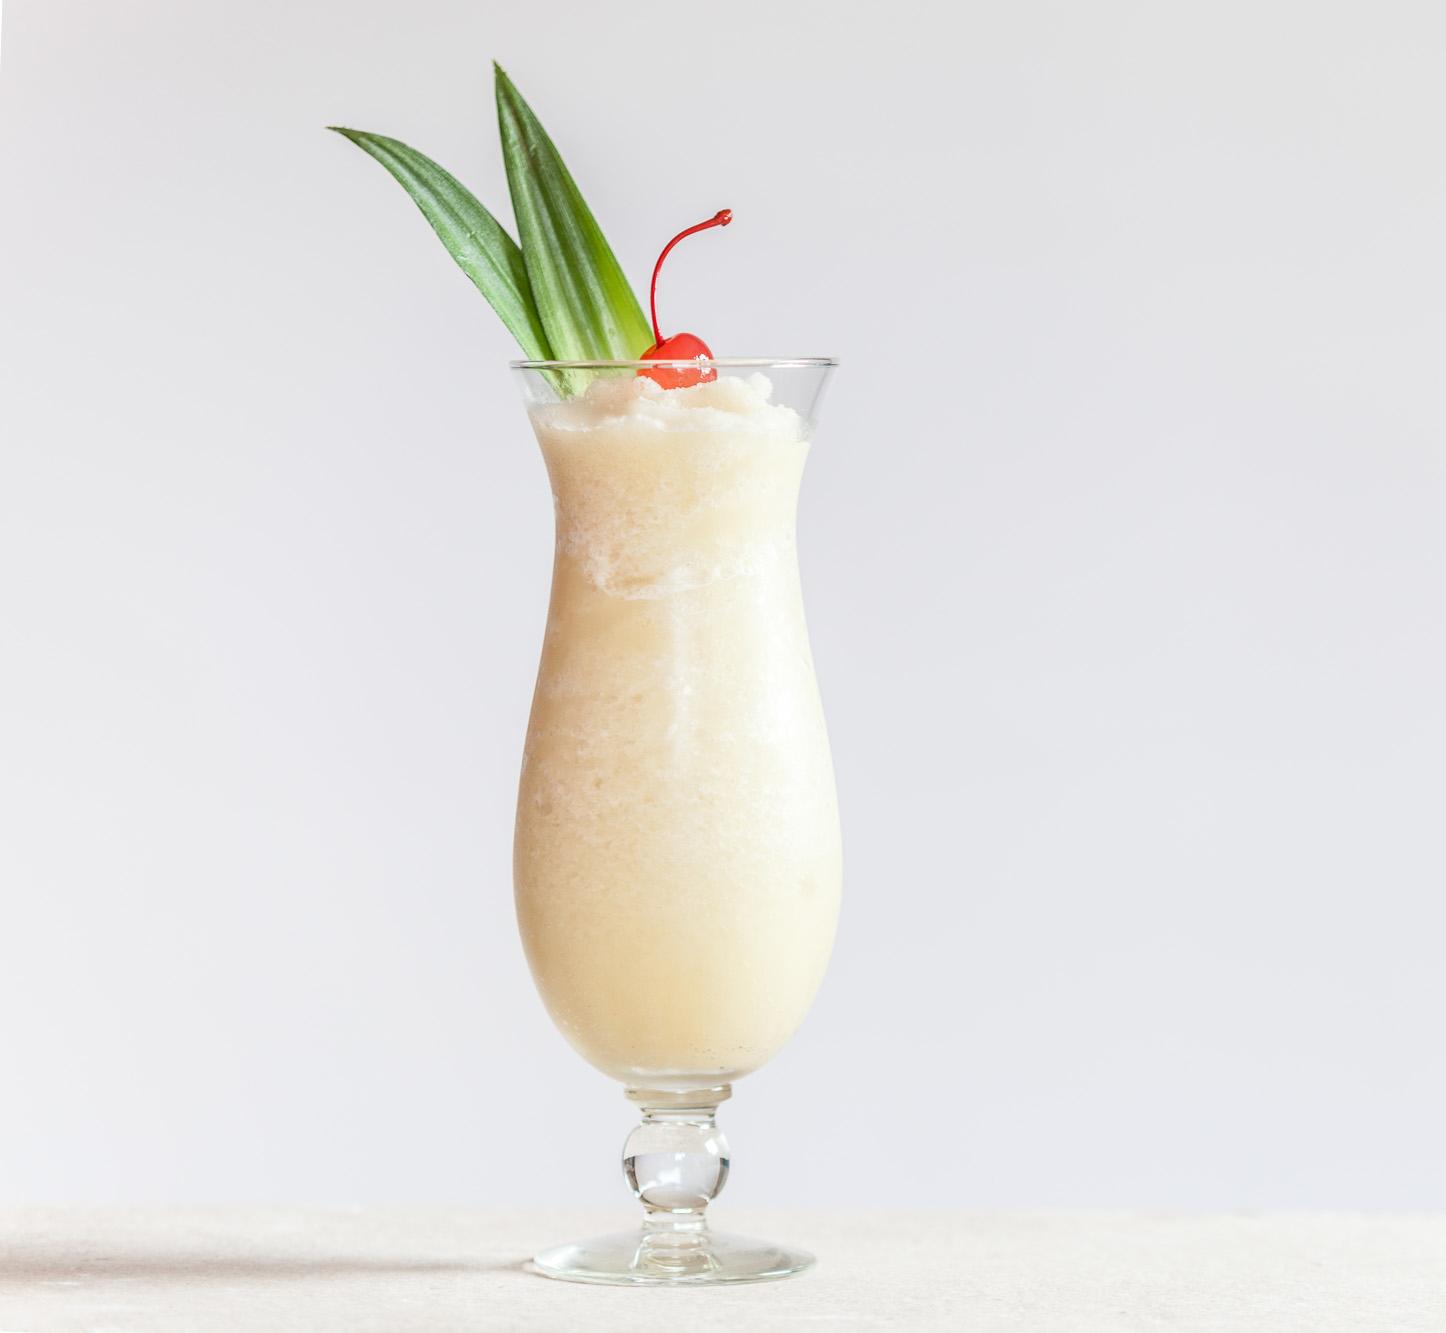 Пинаколада: как делать коктейль, рецепты